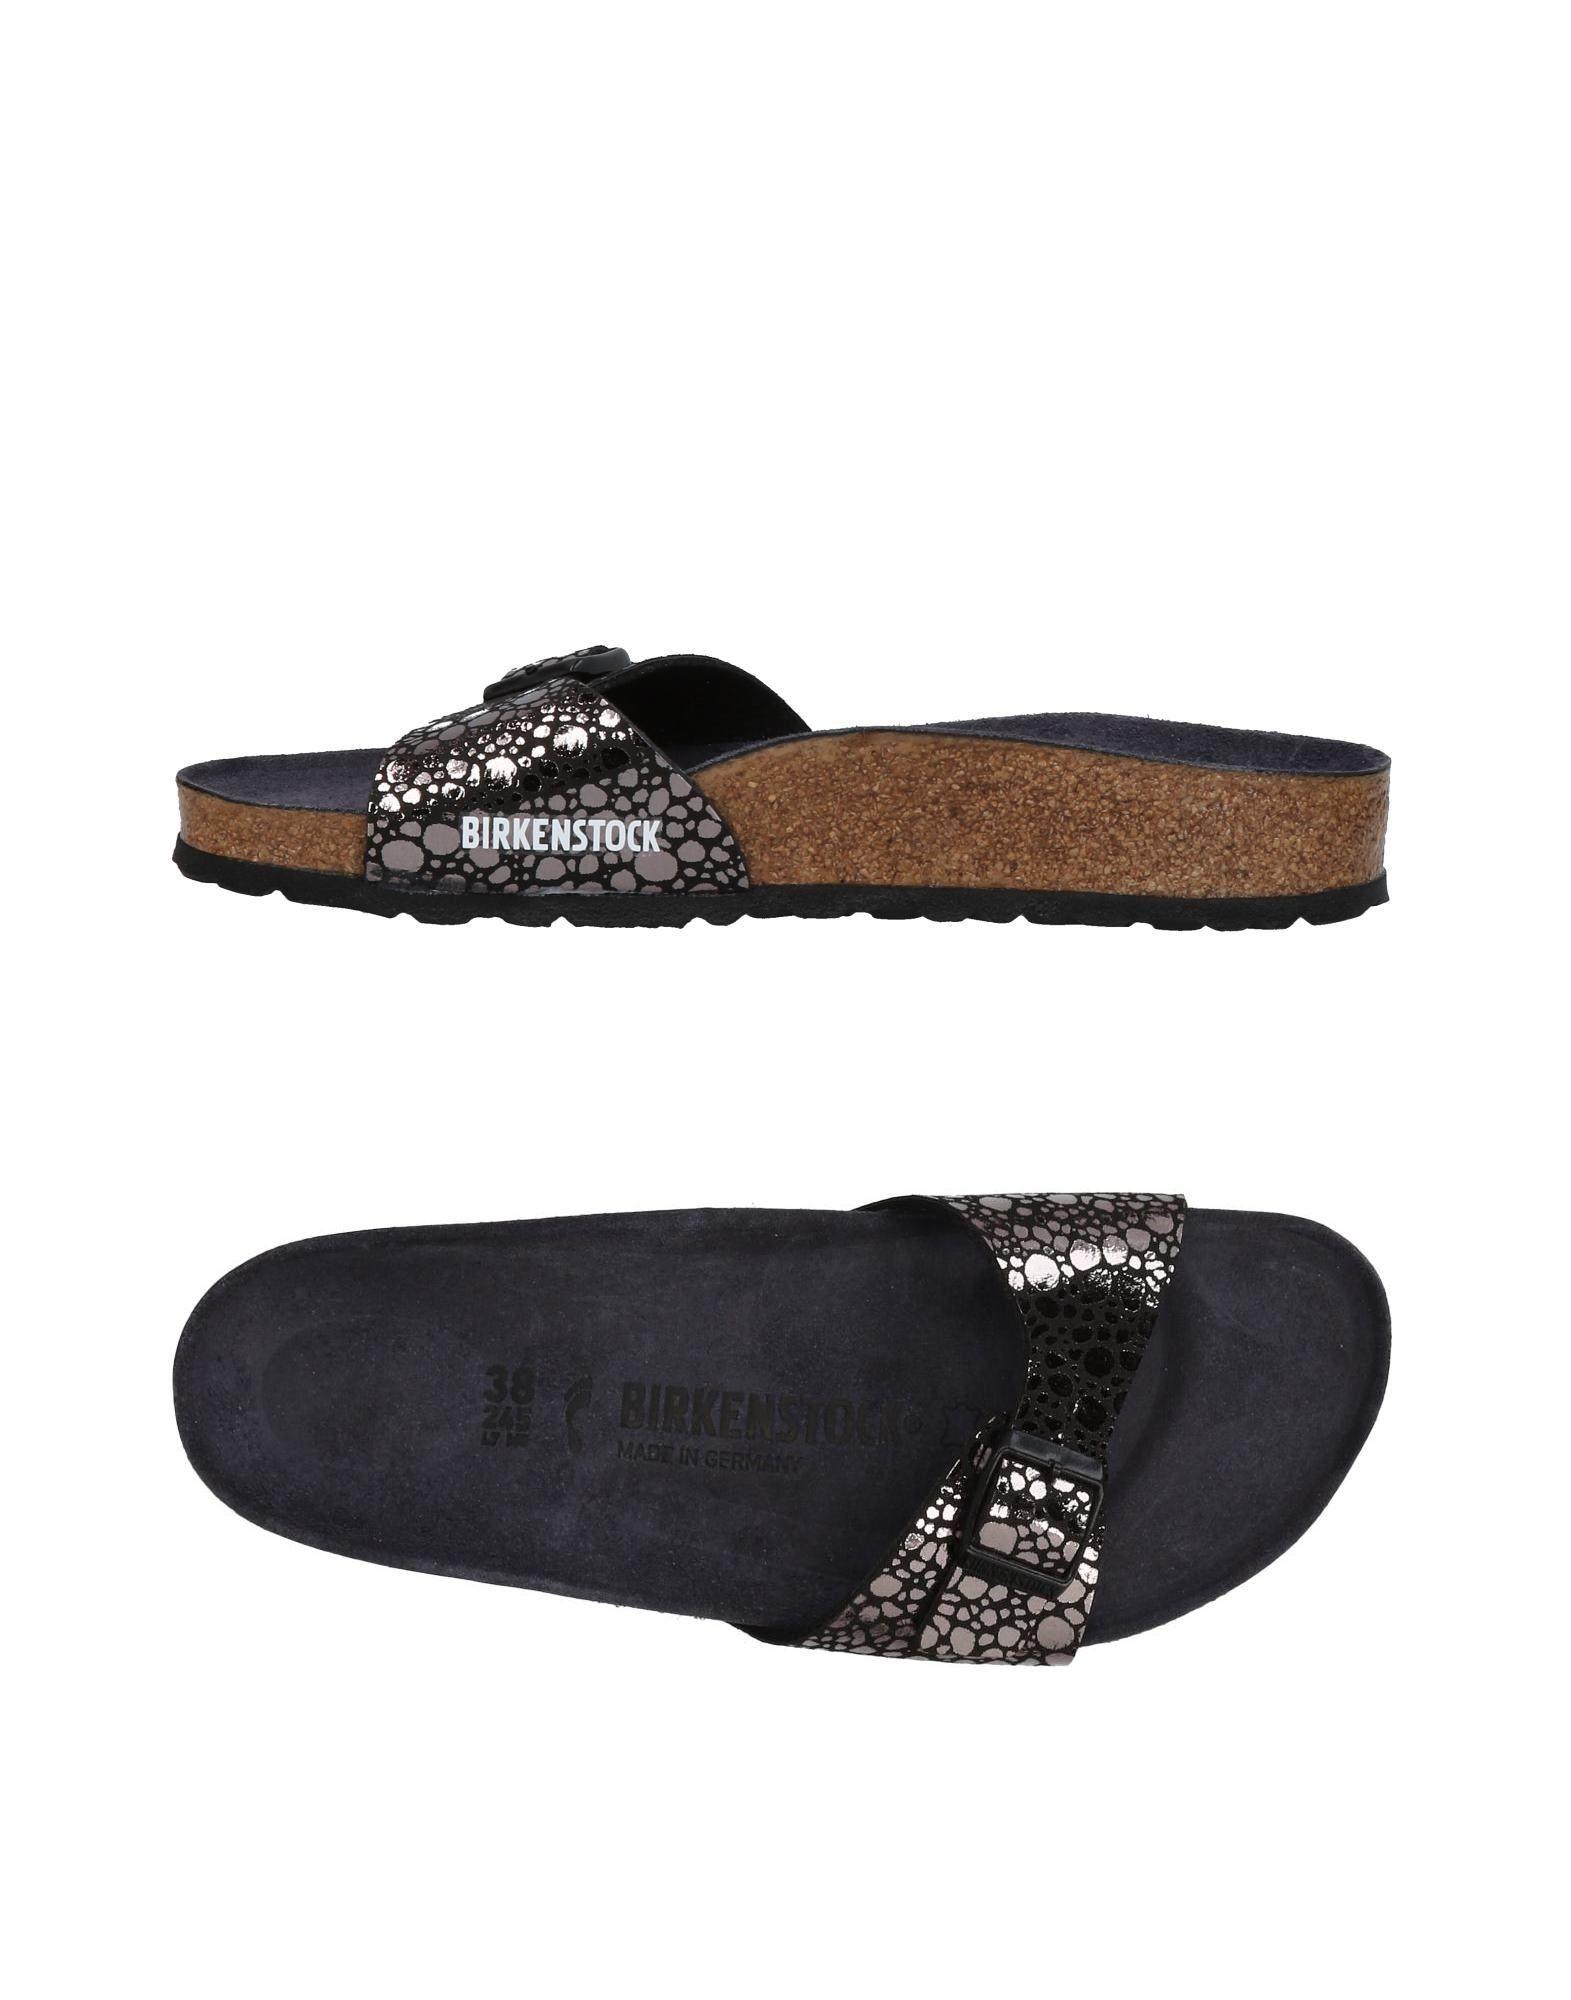 Birkenstock Sandalen Damen  11444113TM Gute Qualität beliebte Schuhe Schuhe Schuhe 062d95